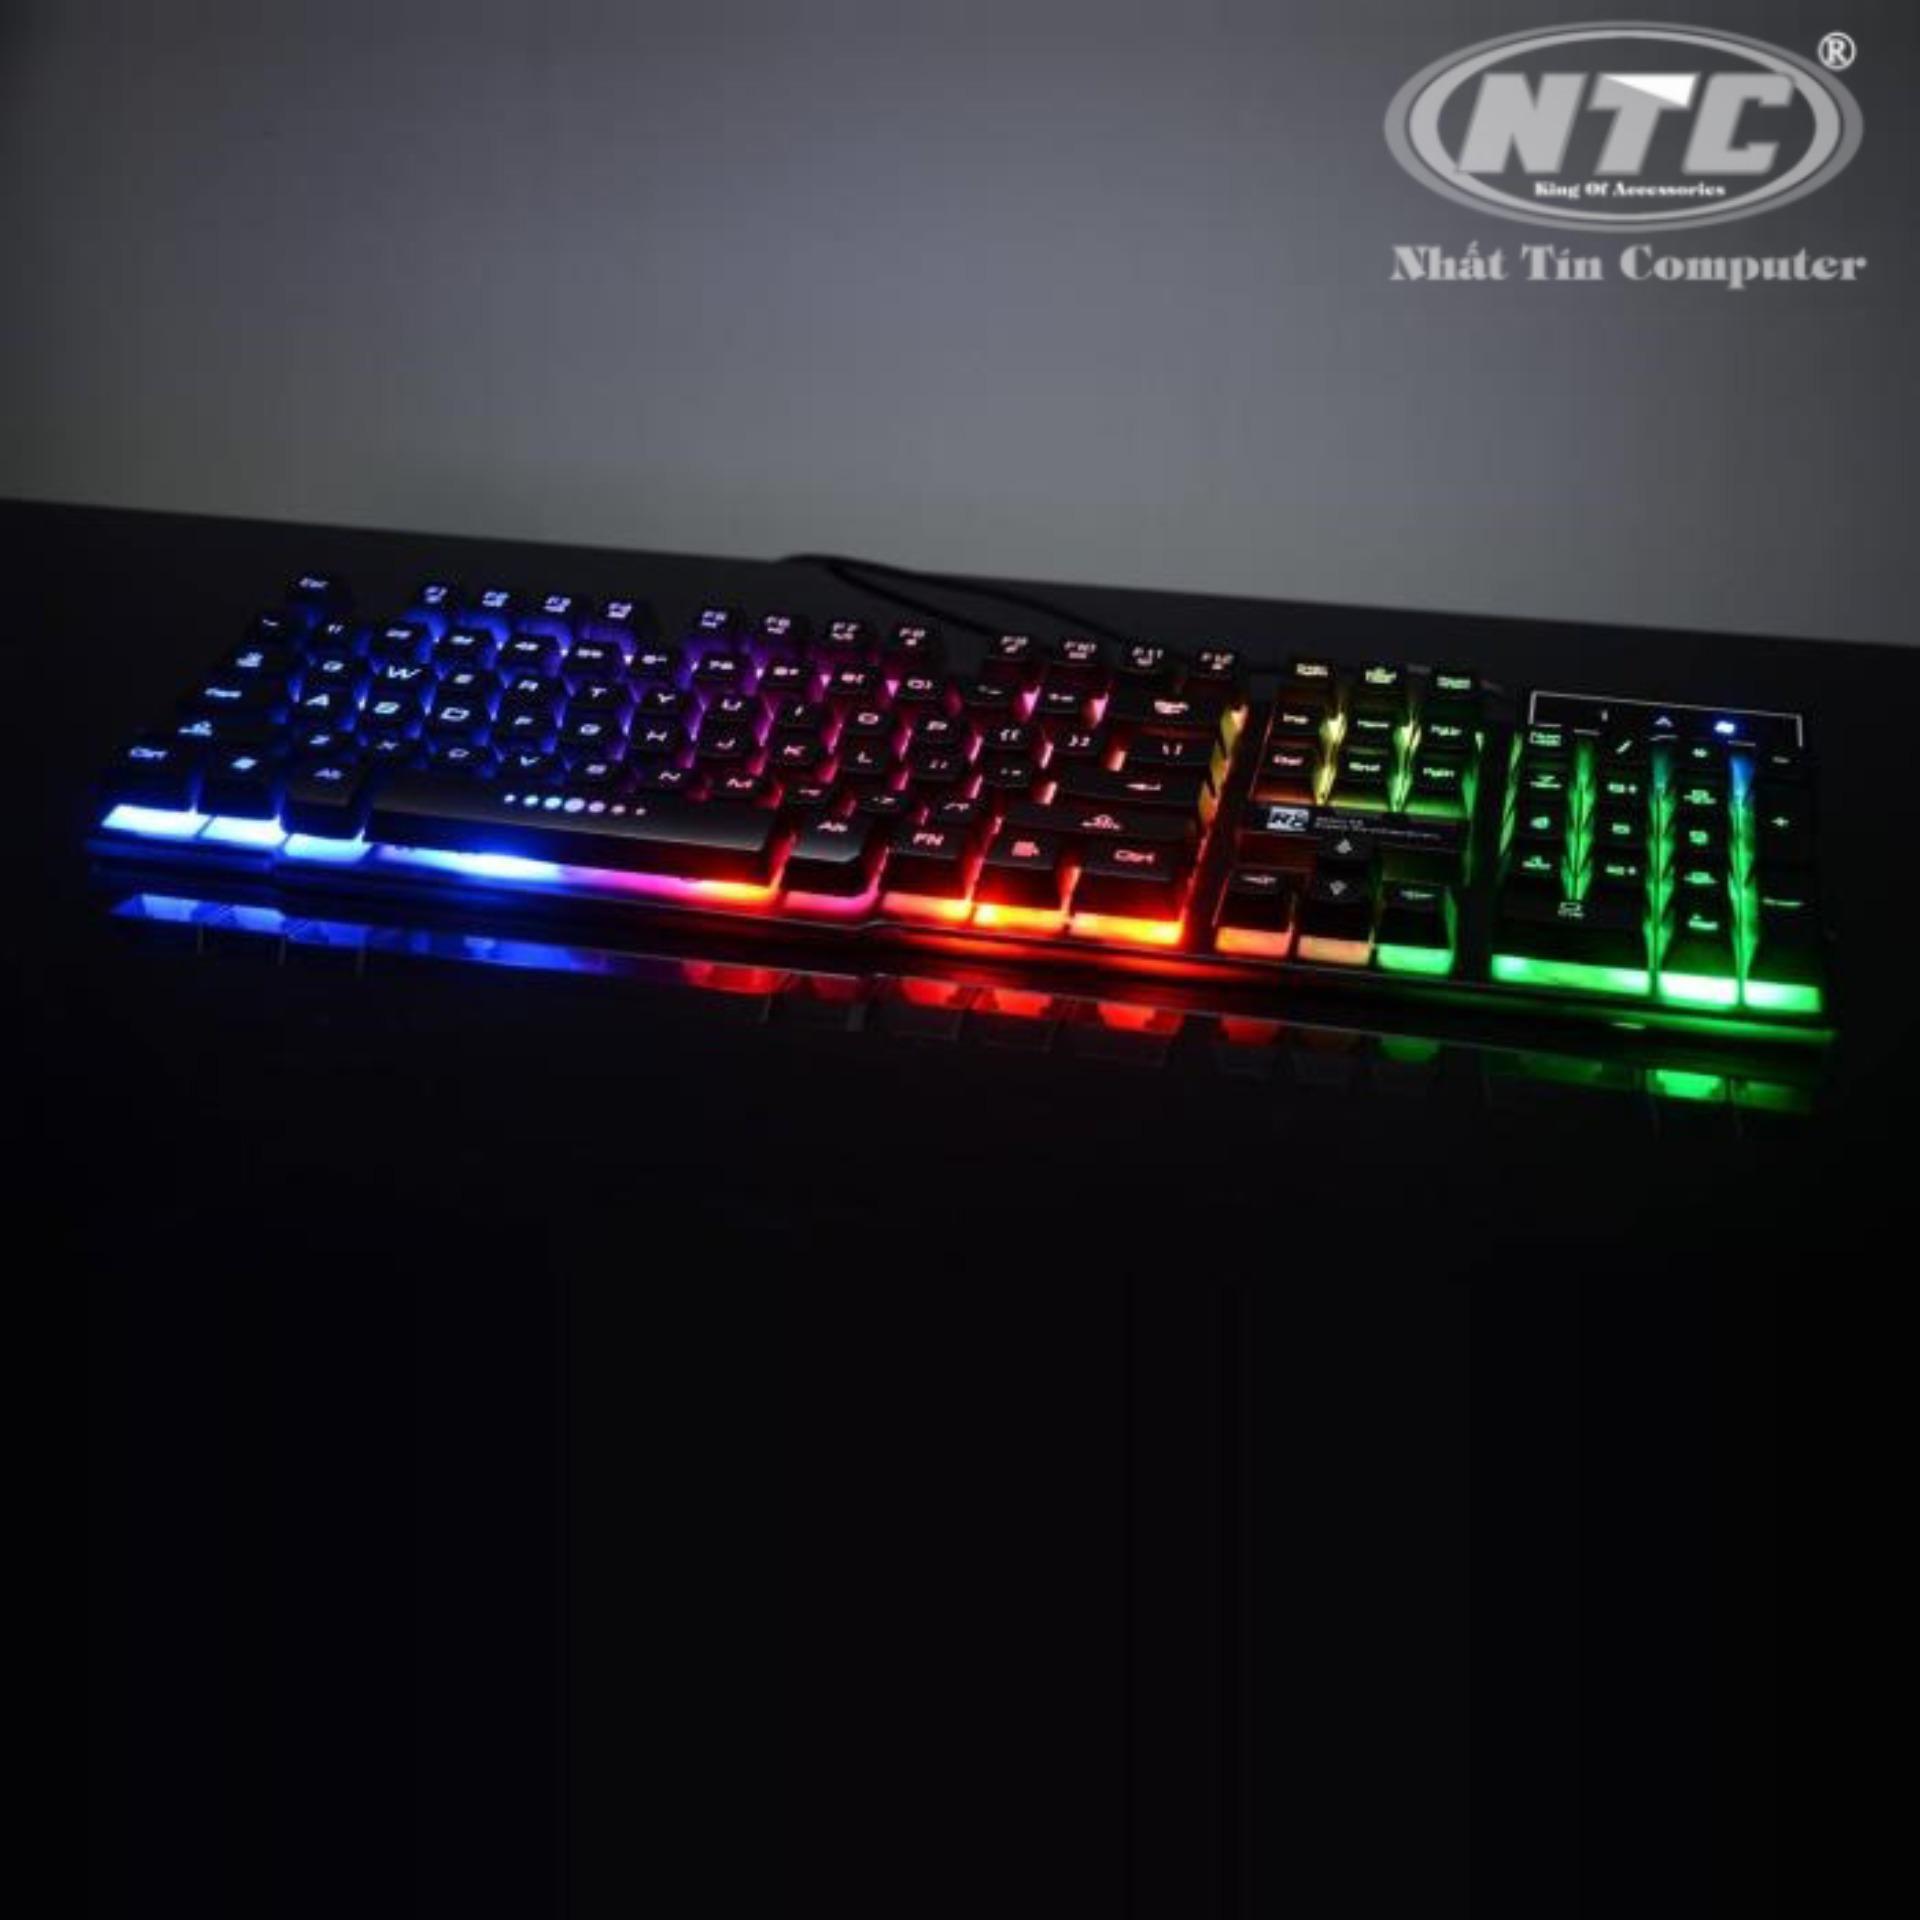 [HCM]Bàn phím giả cơ chuyên Game Led 7 màu R8 1822 (Đen) - Hãng phân phối chính thức - Nhất Tín Computer